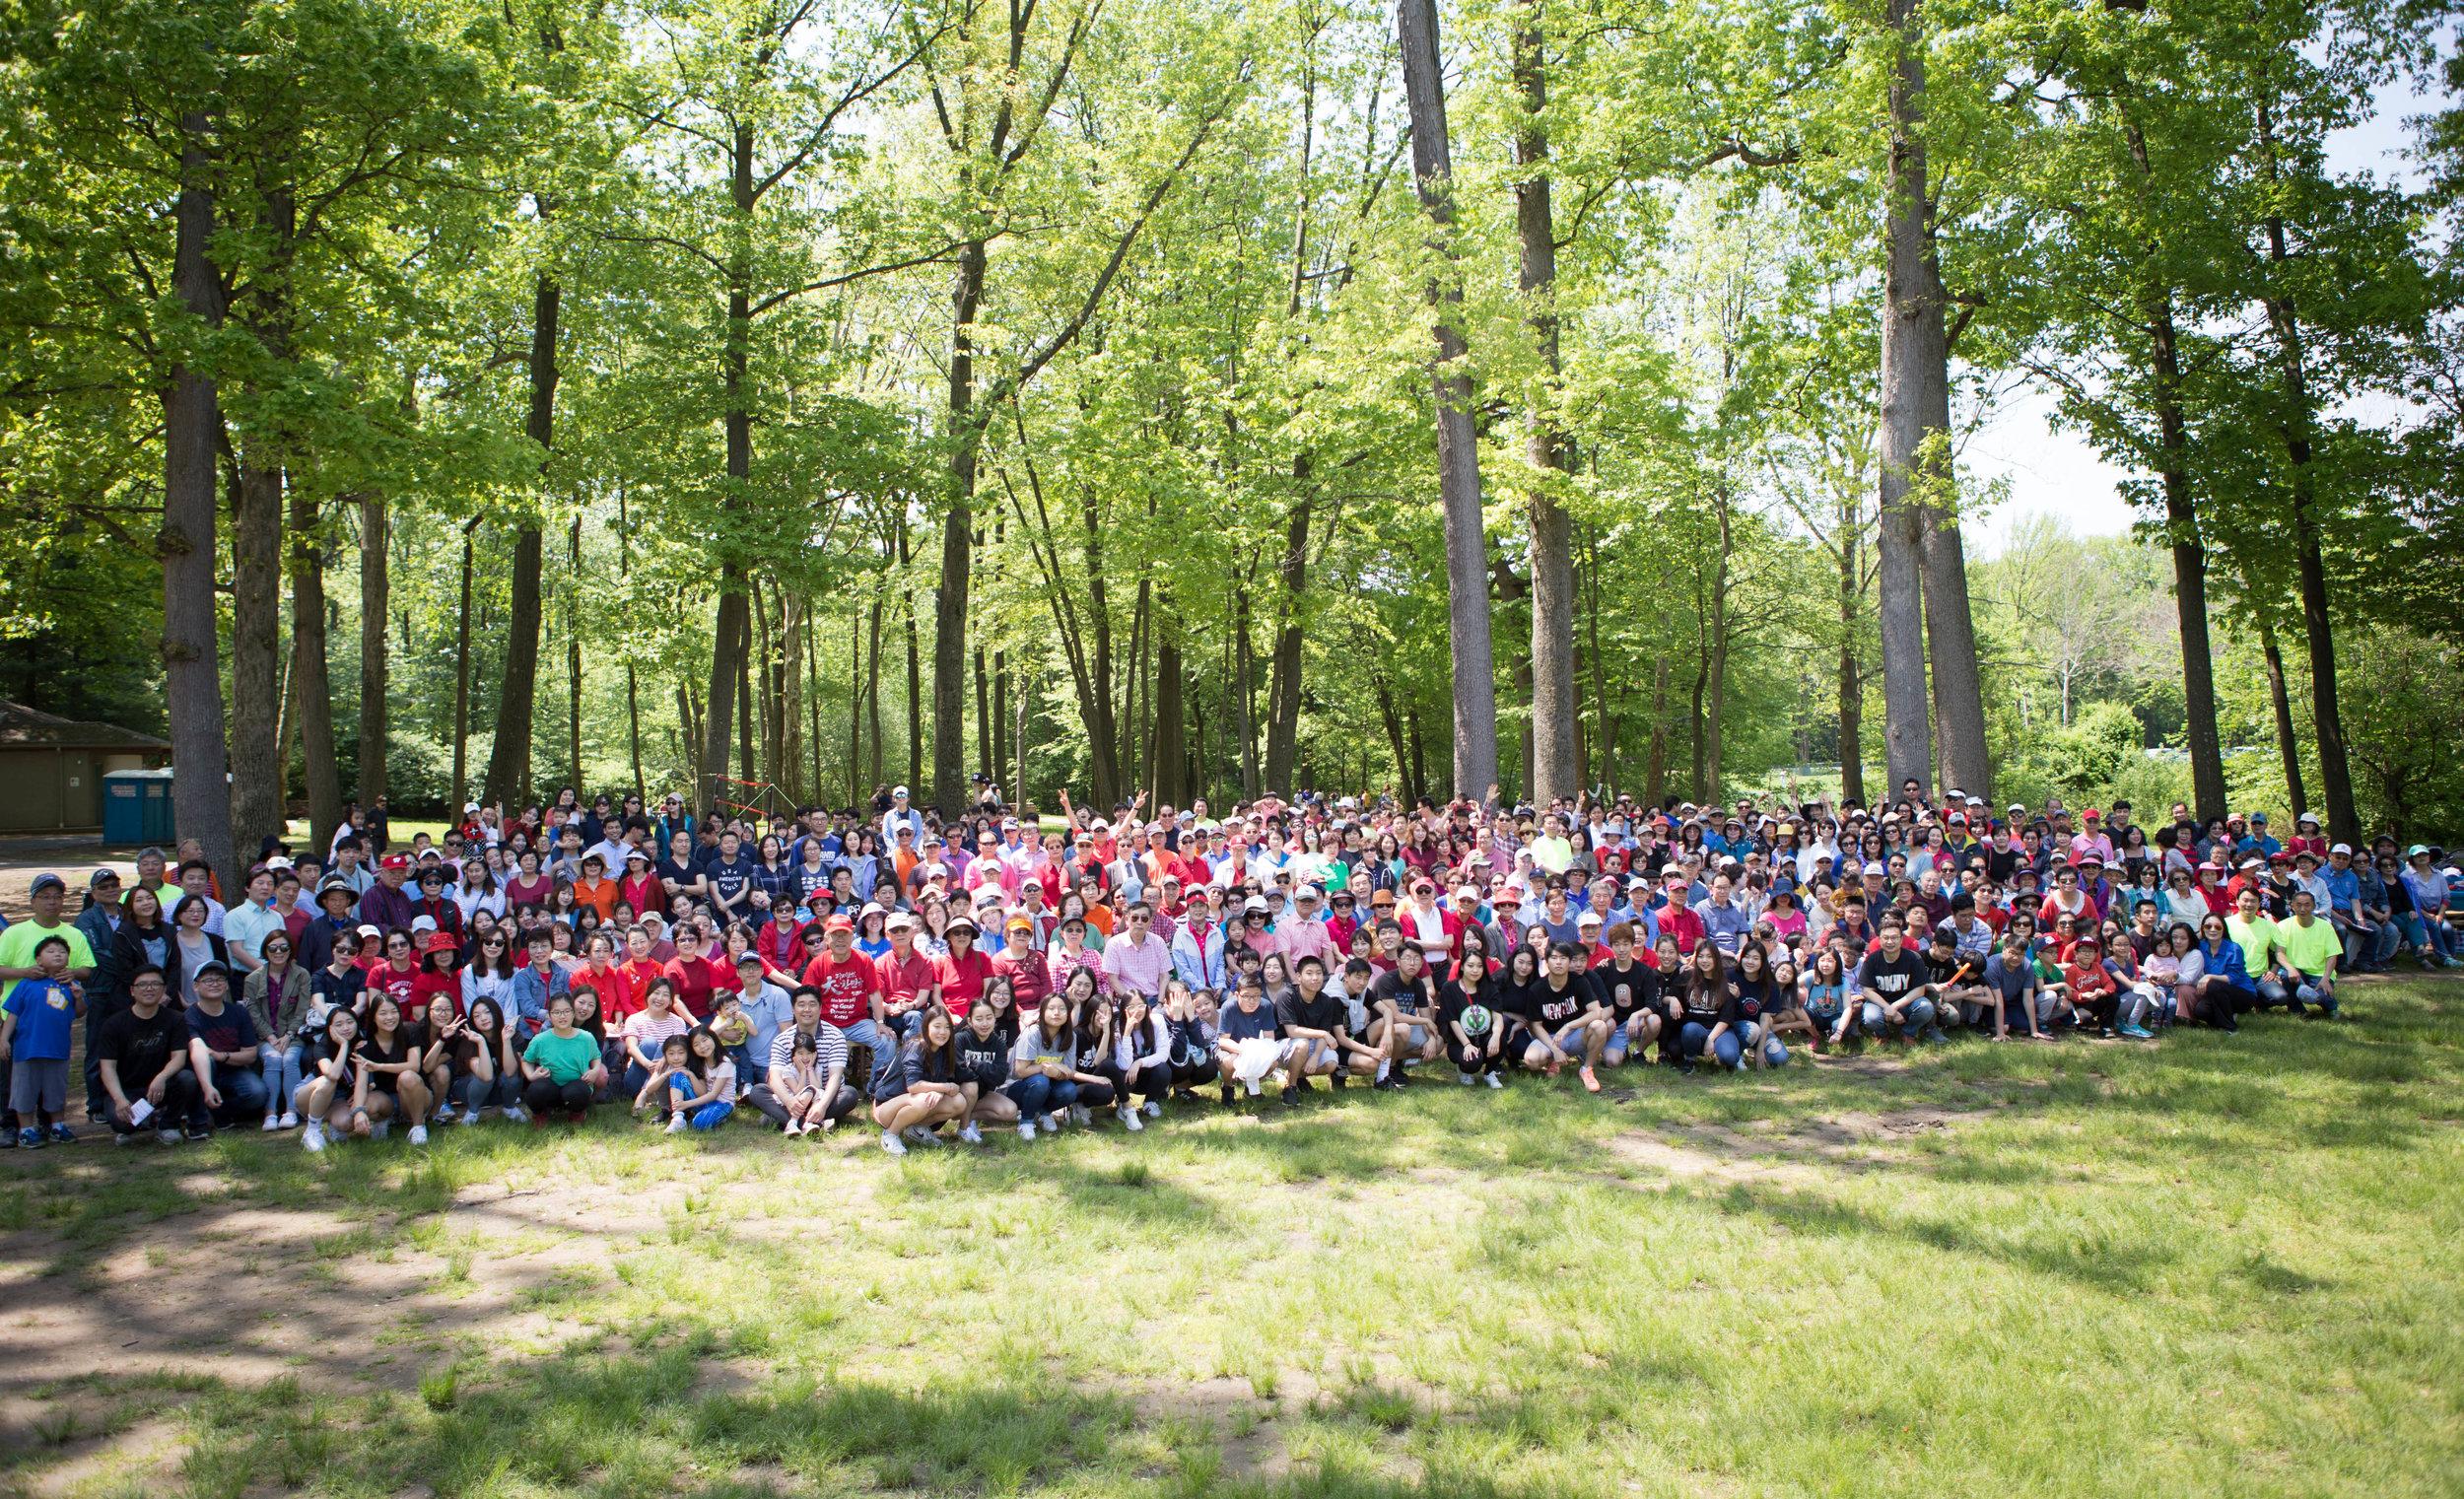 5/19 전교인 야외예배 - 하나님이 만드신 아름다운 자연 속에서 하나님의 경이로움을 함께 찬양하고 성도들이 하나되는 은혜로운 시간을 갖었습니다.